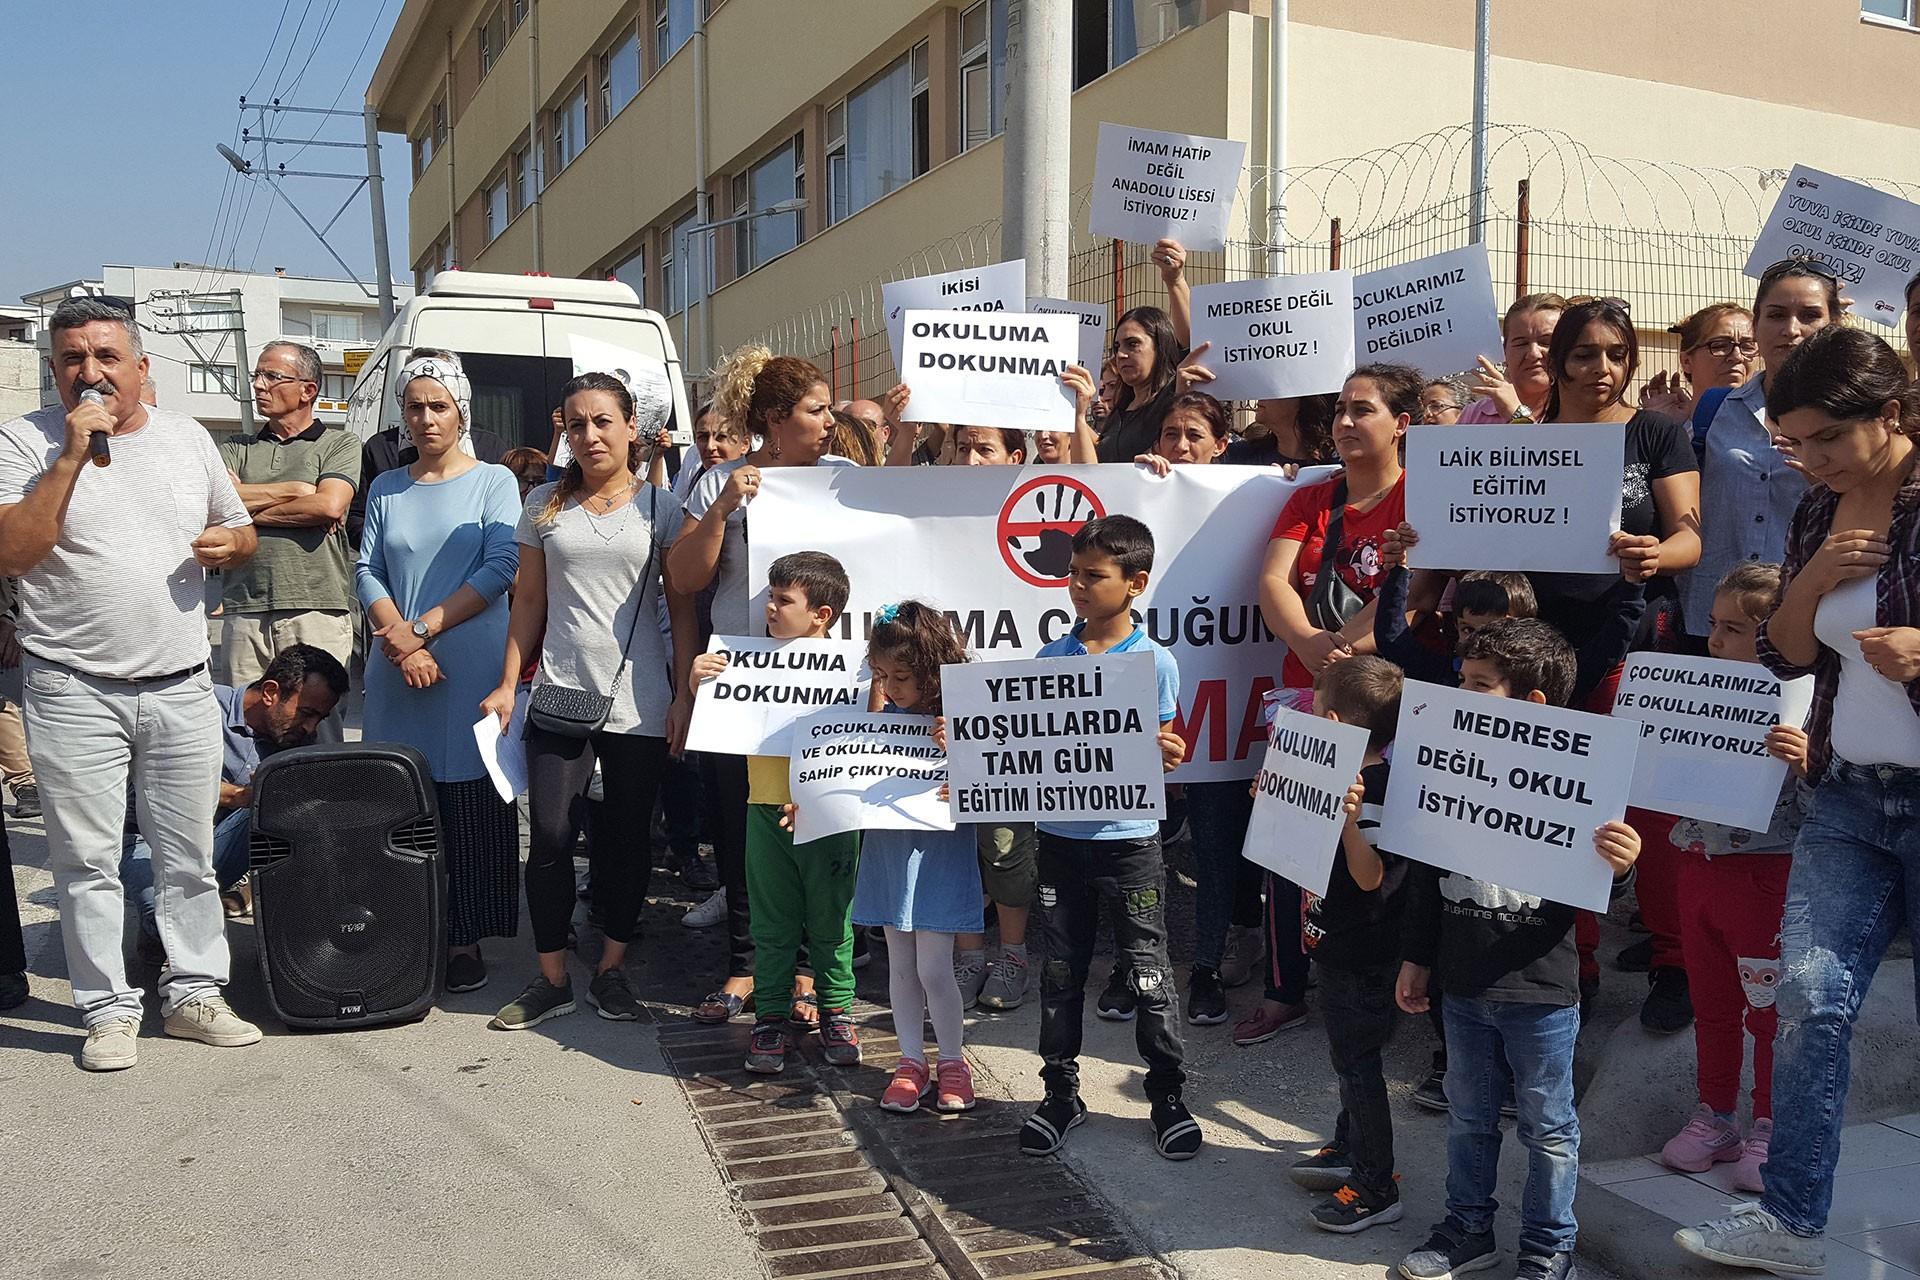 Milli İrade Ortaokulunda okuayan öğrencilerin velileri eylem yaptı